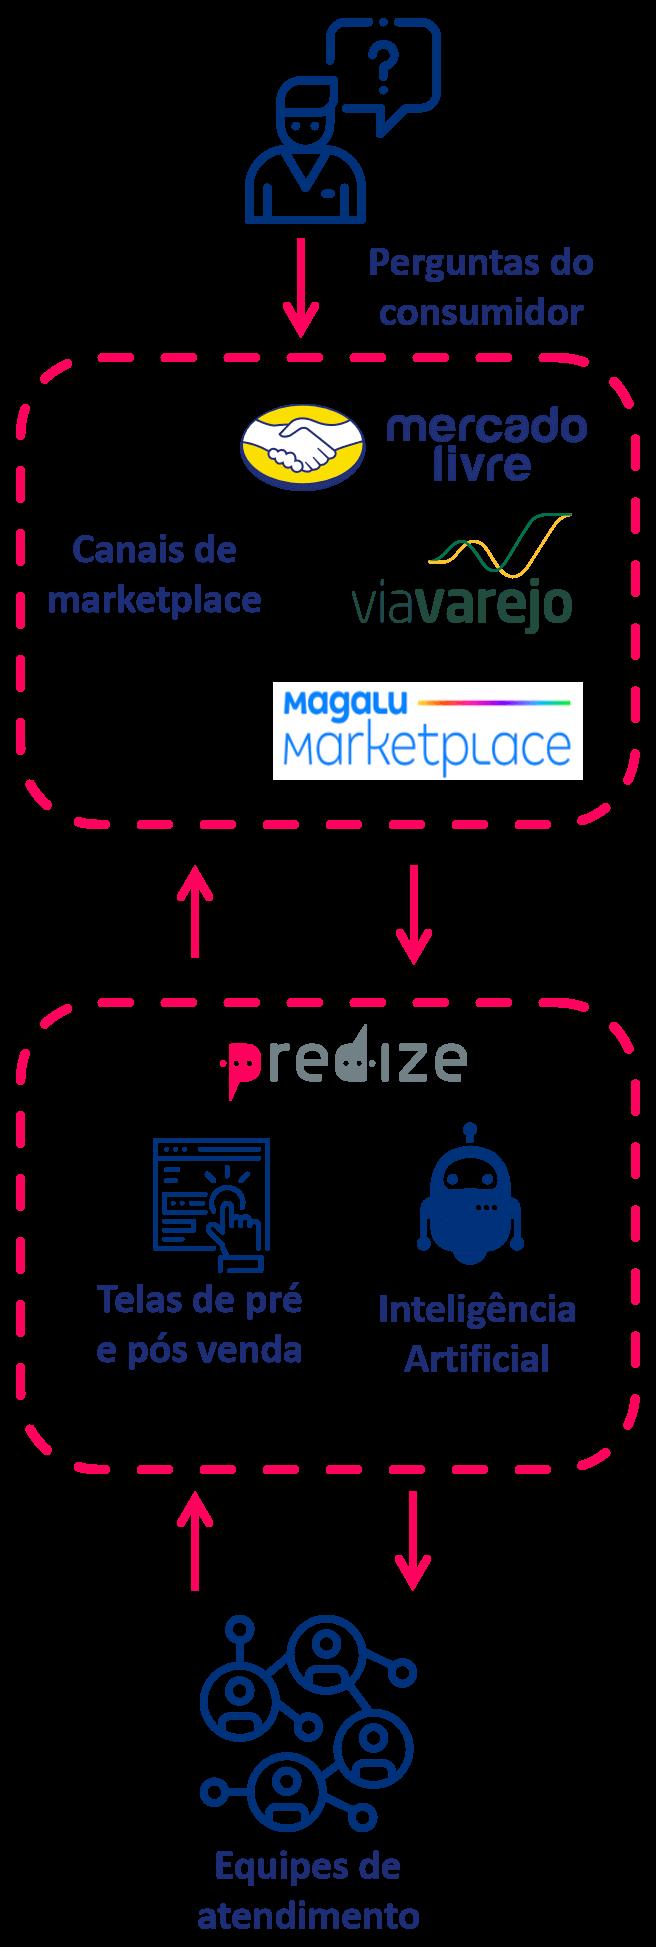 Fluxo de funcionamento do Predize